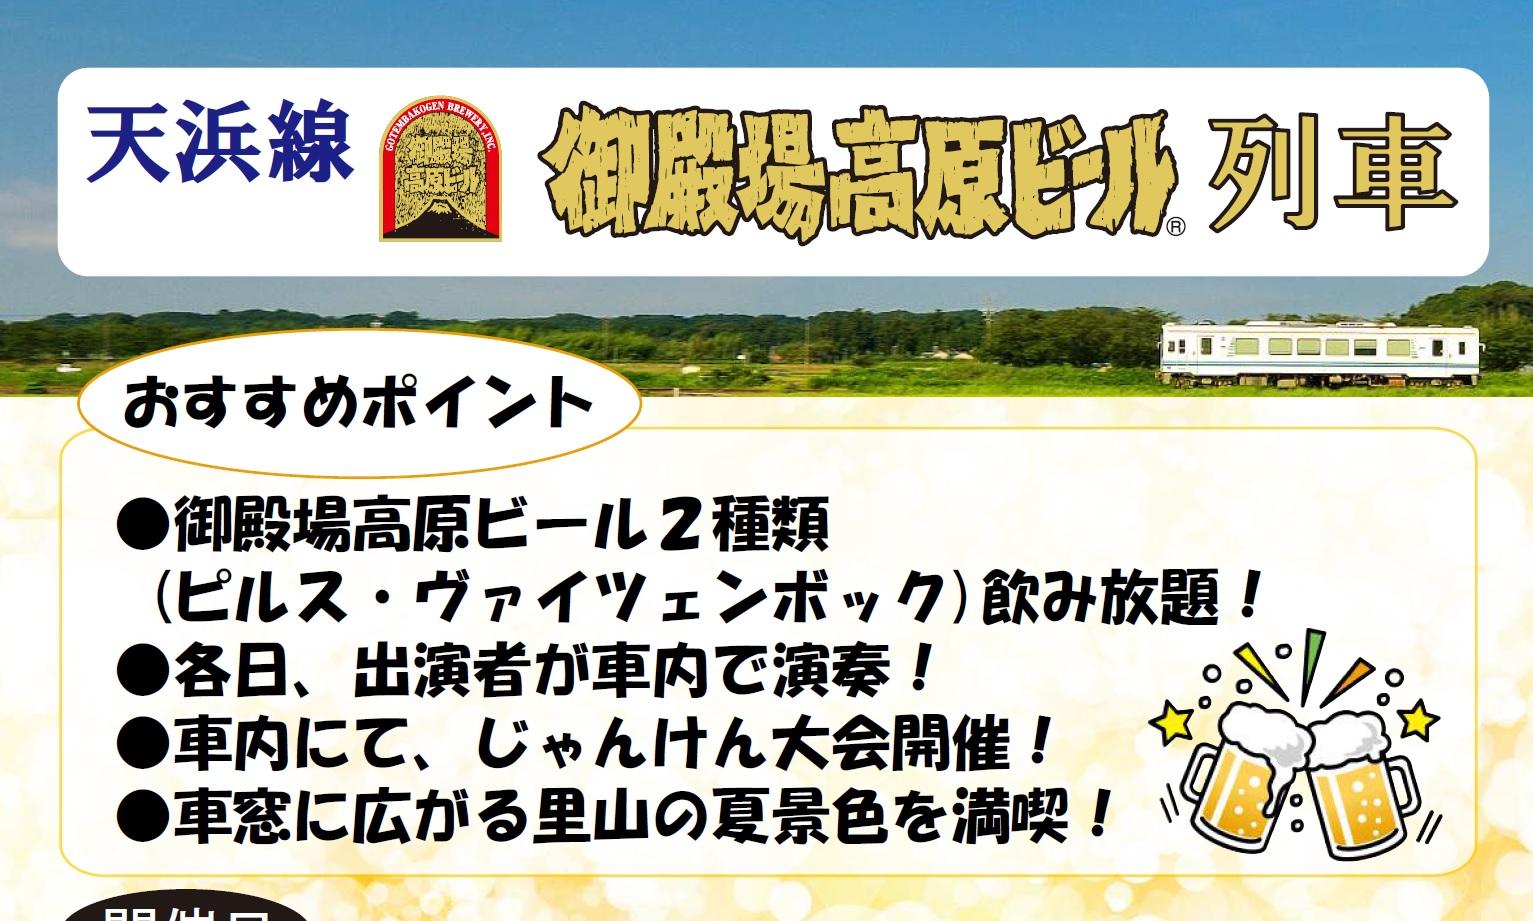 2017 天浜線 御殿場高原ビール列車